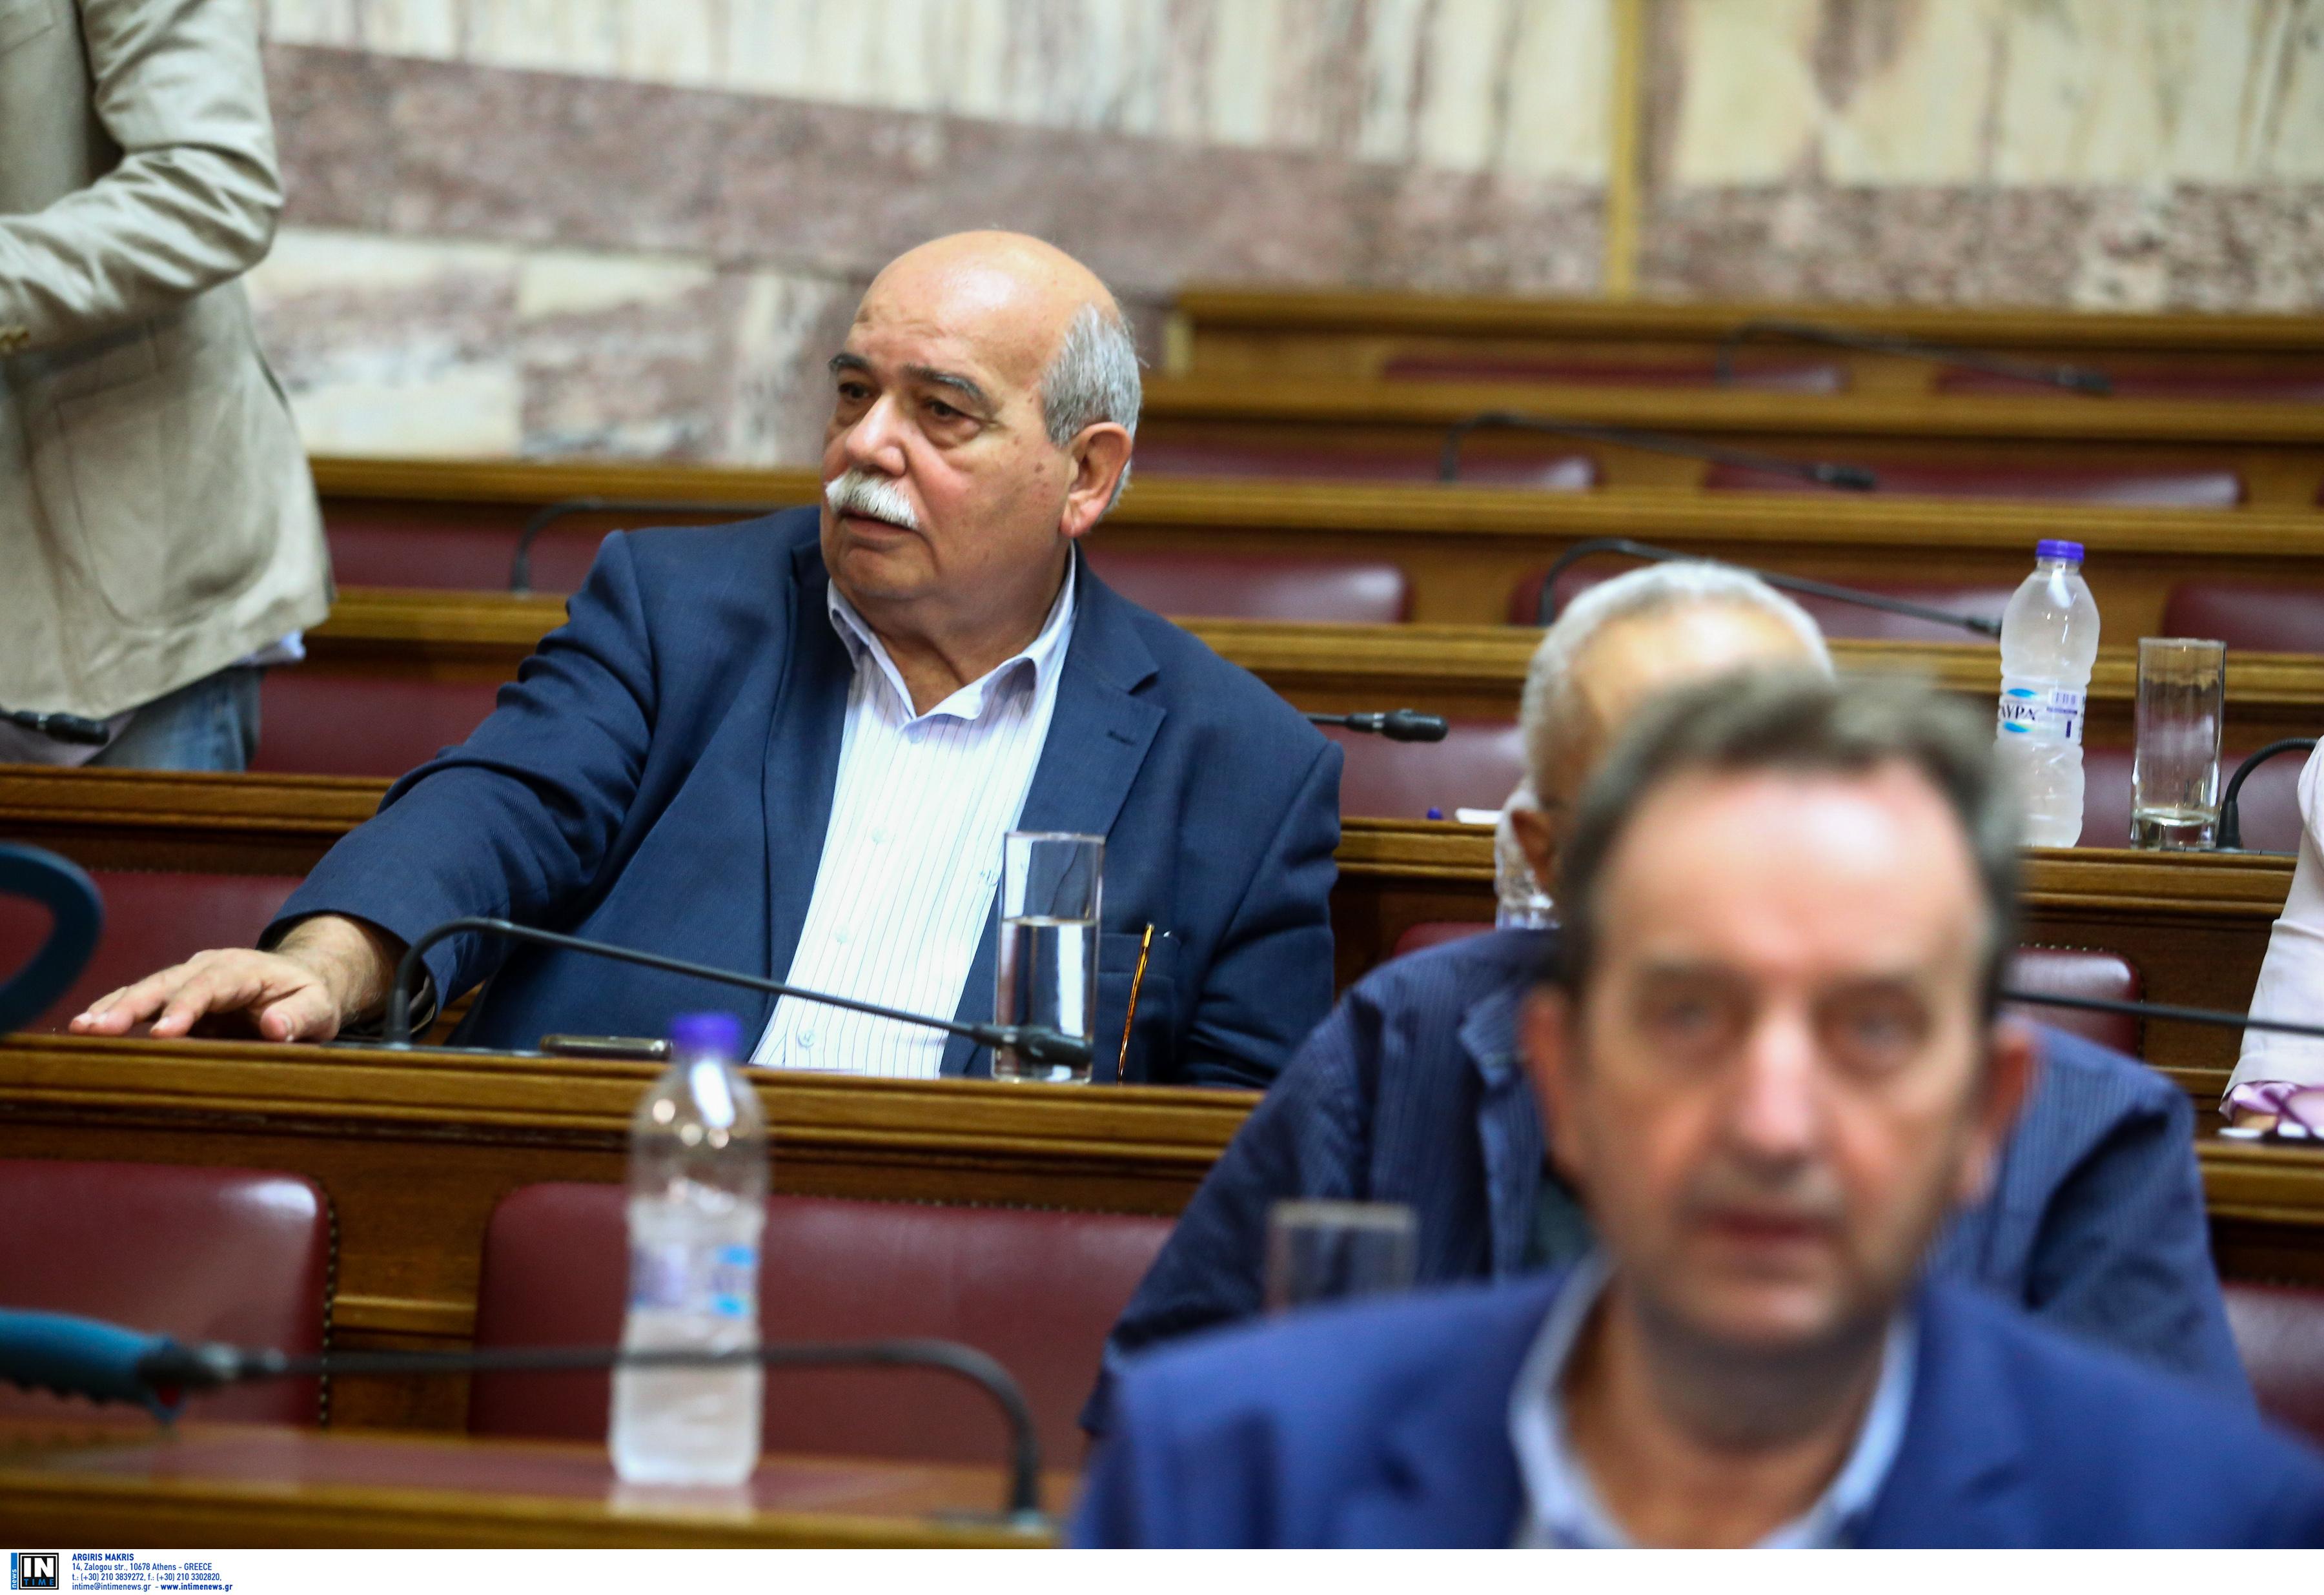 Βούτσης: Ραχοκοκαλιά της προοδευτικής παράταξης, ο νέος ΣΥΡΙΖΑ